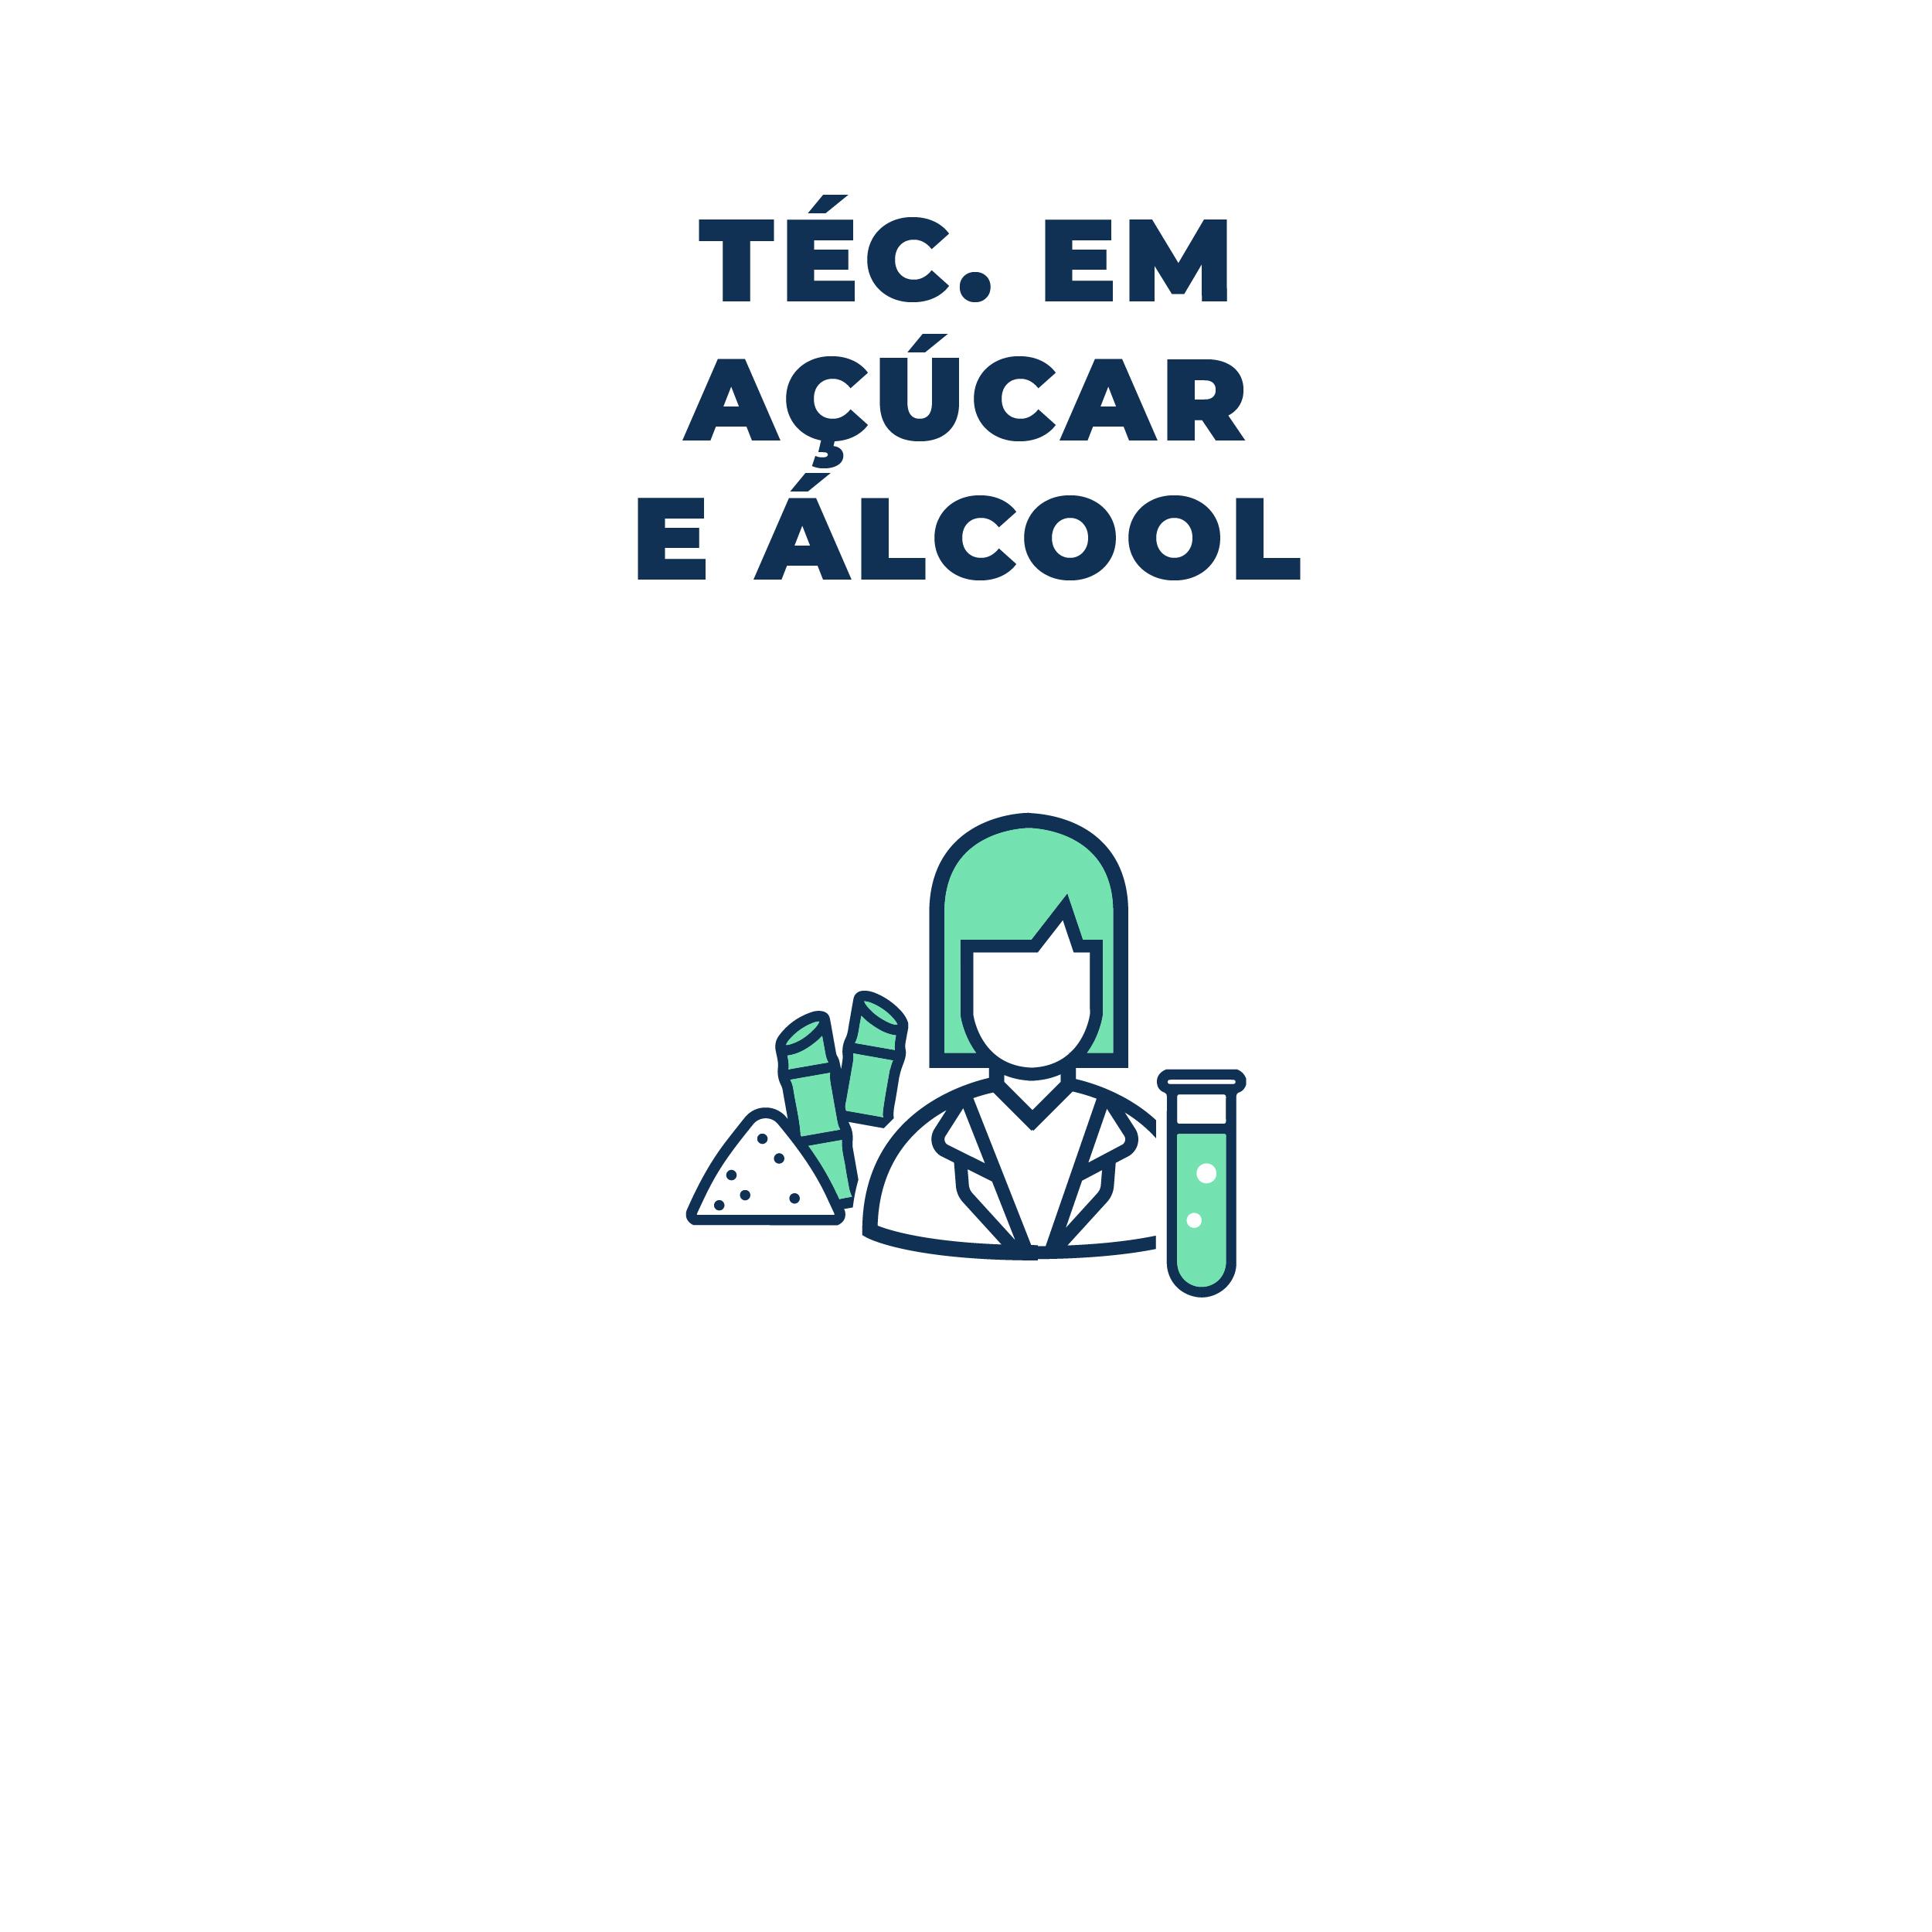 alcool e acucar